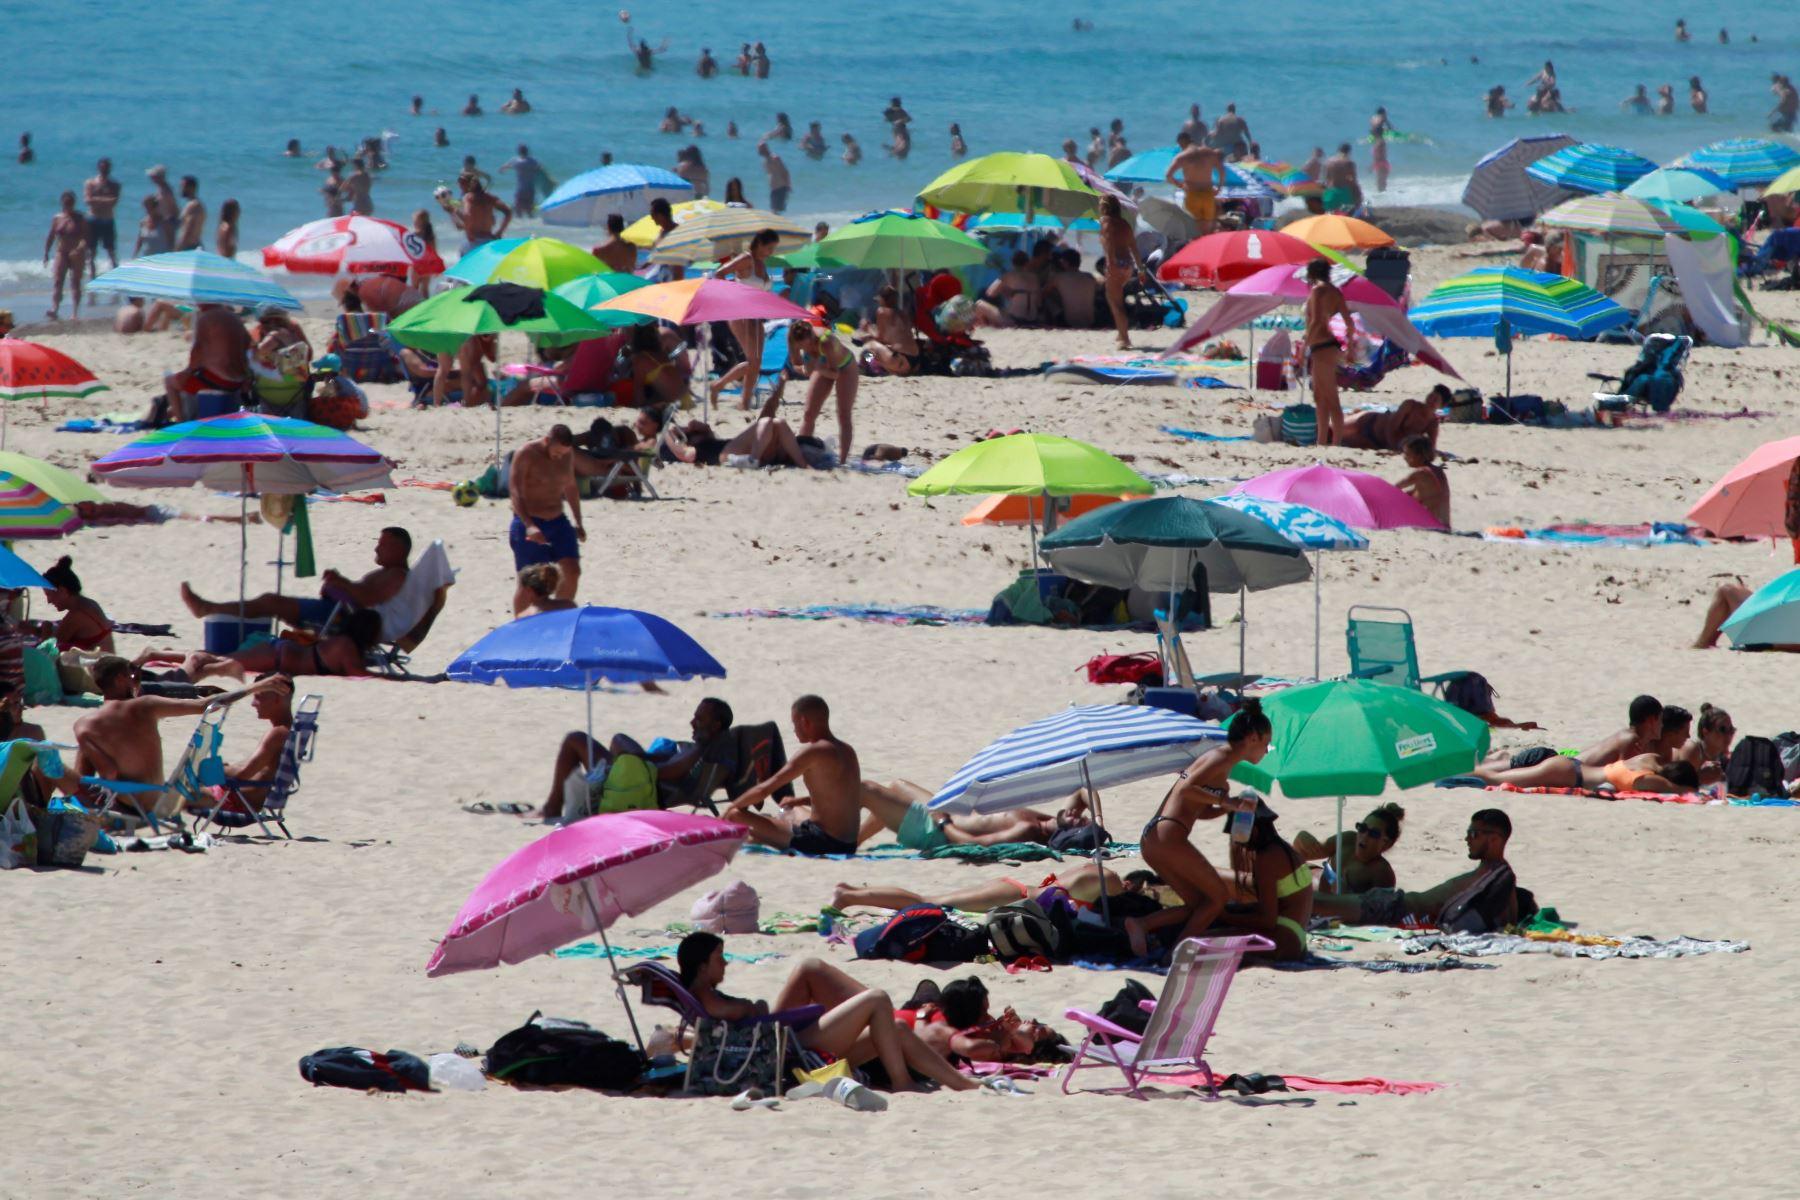 Decenas de personas disfrutan de un soleado día en la playa de Los Lances, en Tarifa (Cádiz), este domingo, primer fin de semana de la